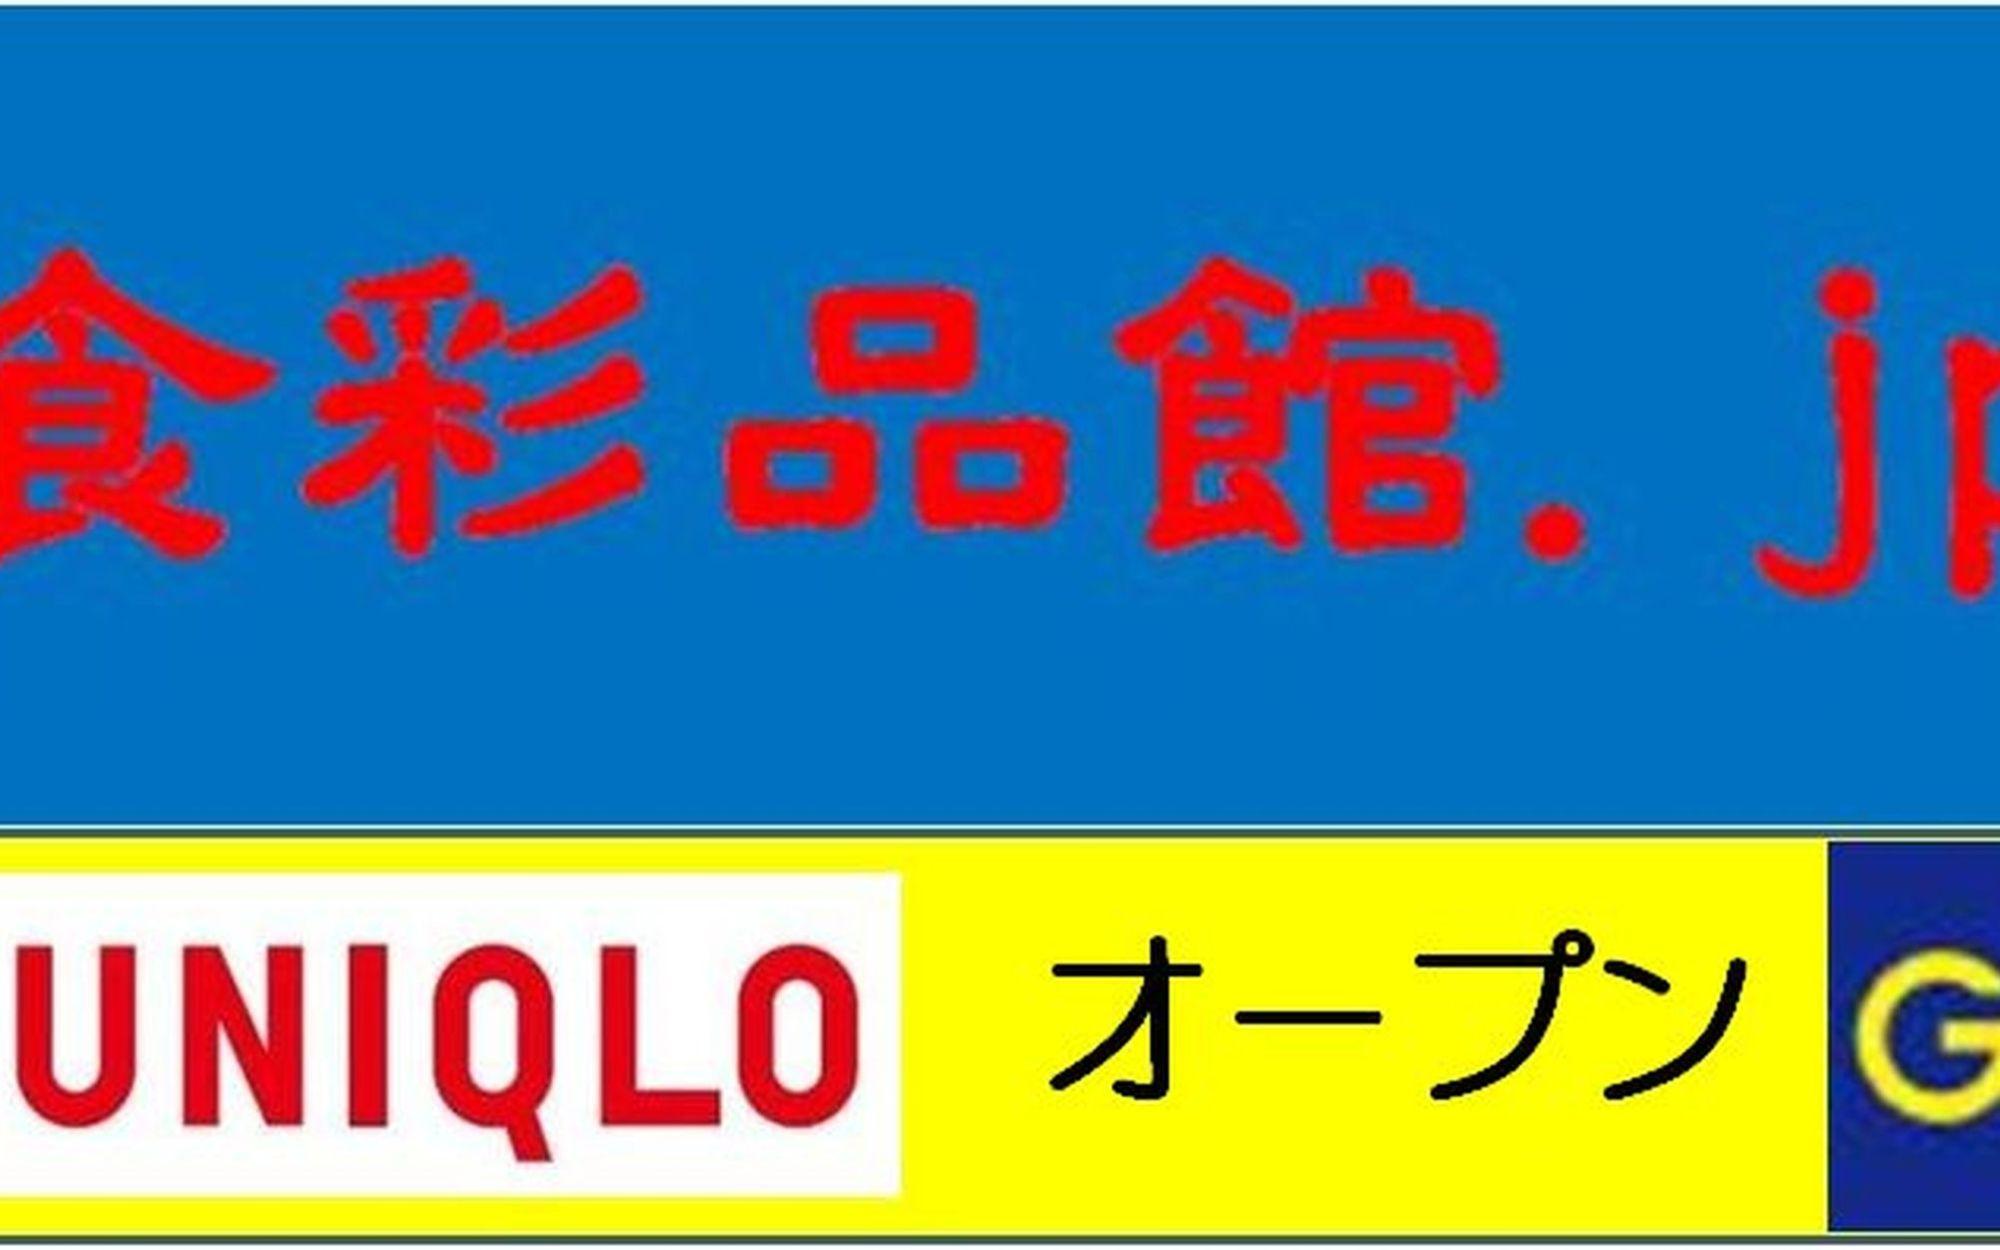 ユニクロ阪急大阪梅田駅店(大阪市)2020年6月19日オープン